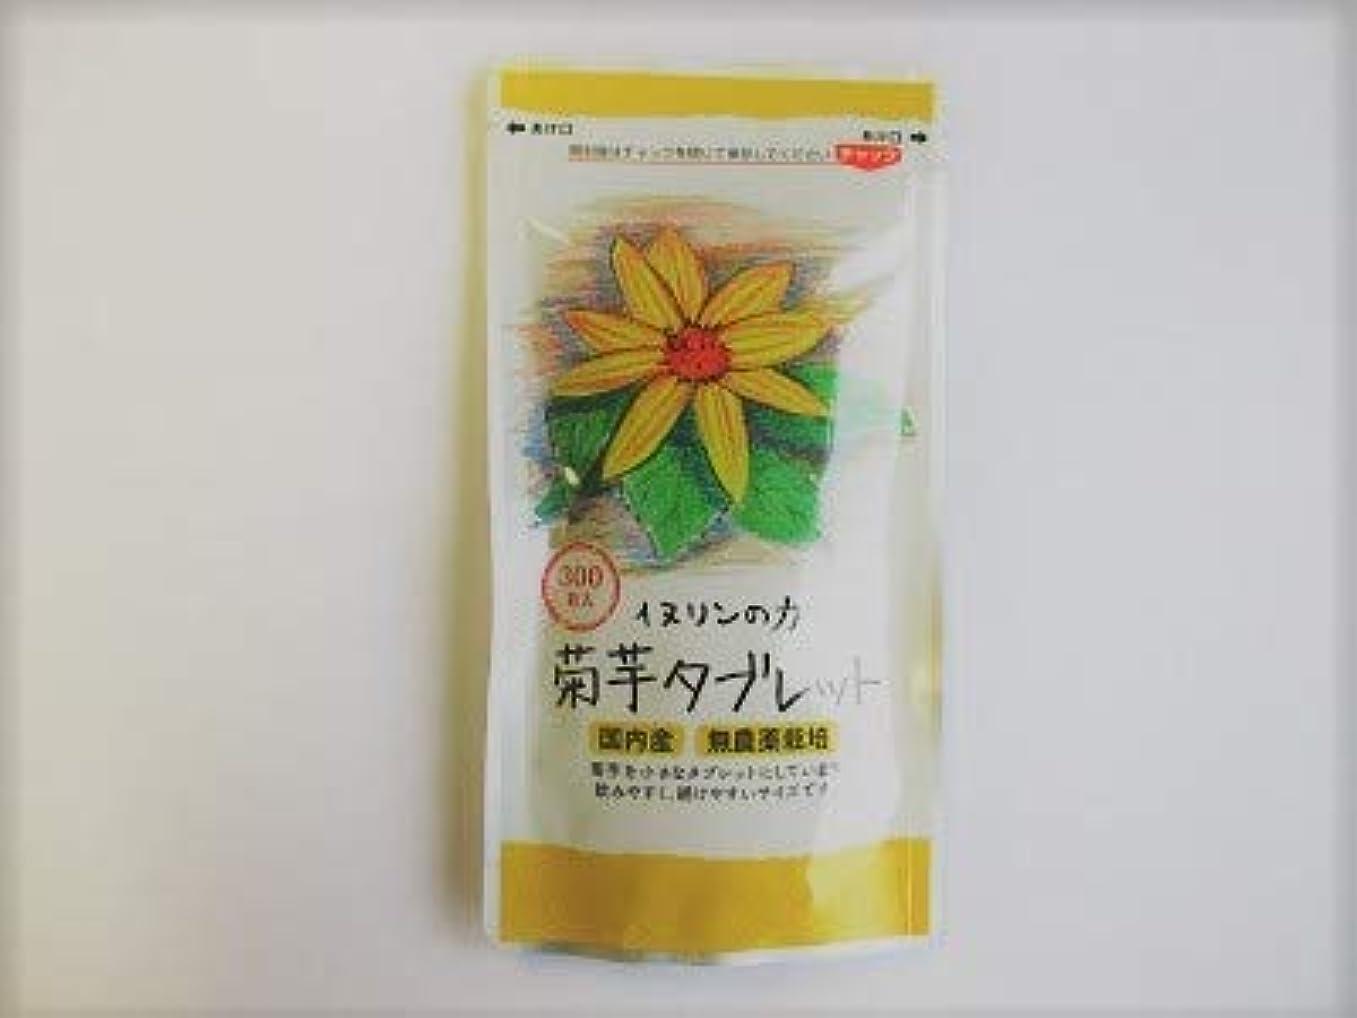 ボウリング計画ウェイトレス菊芋タブレット 250mg×300粒 内容量:75g ★1袋で生菊芋=660g分相当です!